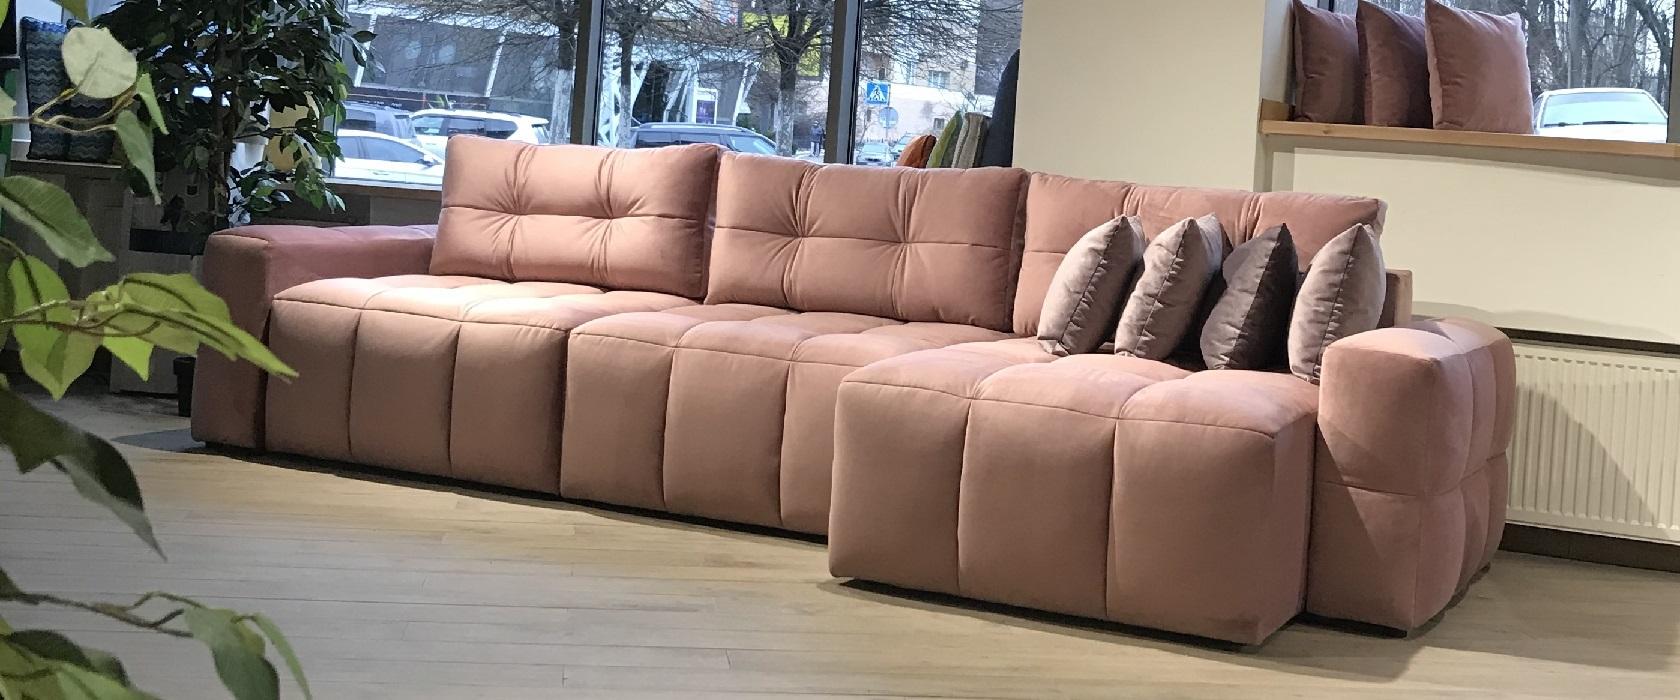 Угловой диван Leonardo - Фото 2 - Pufetto